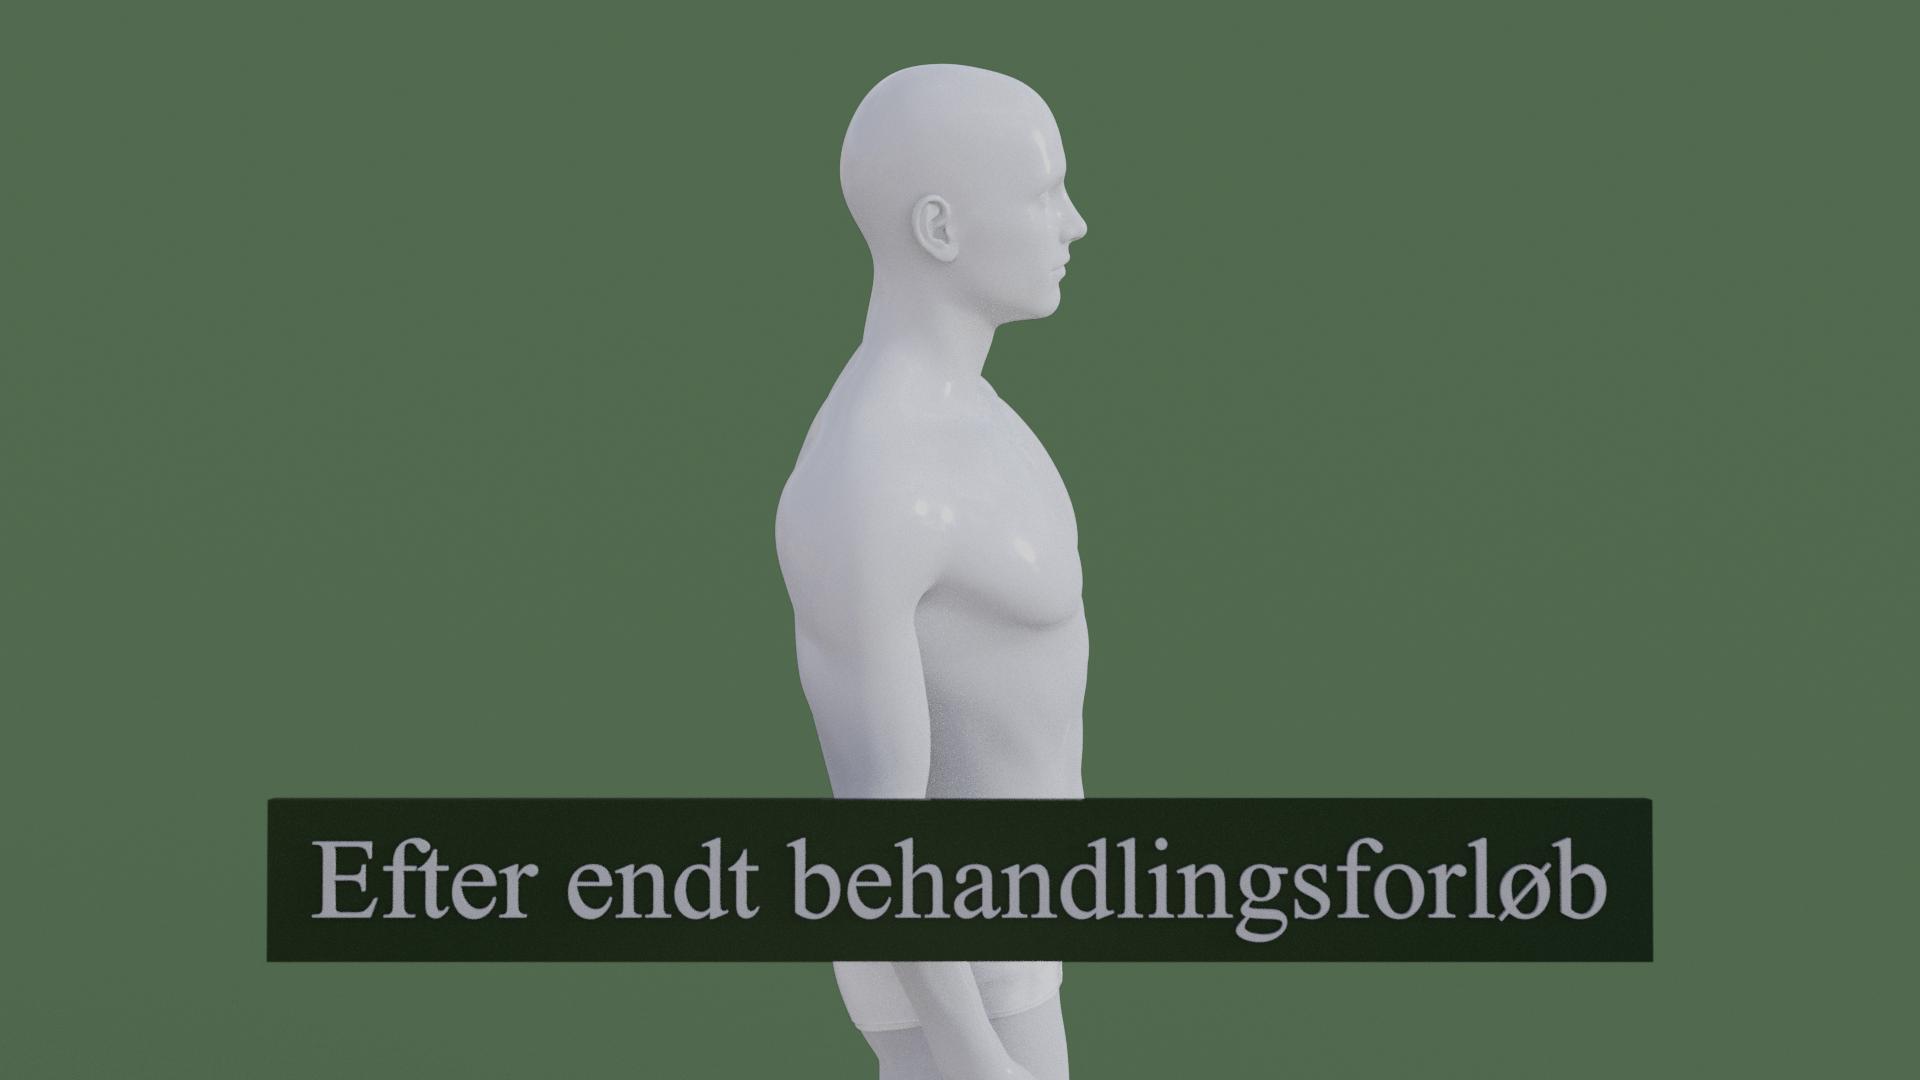 Billedet viser den samme 3D figur, men uden den røde farve i nakken. 3D figuren er helbredt.